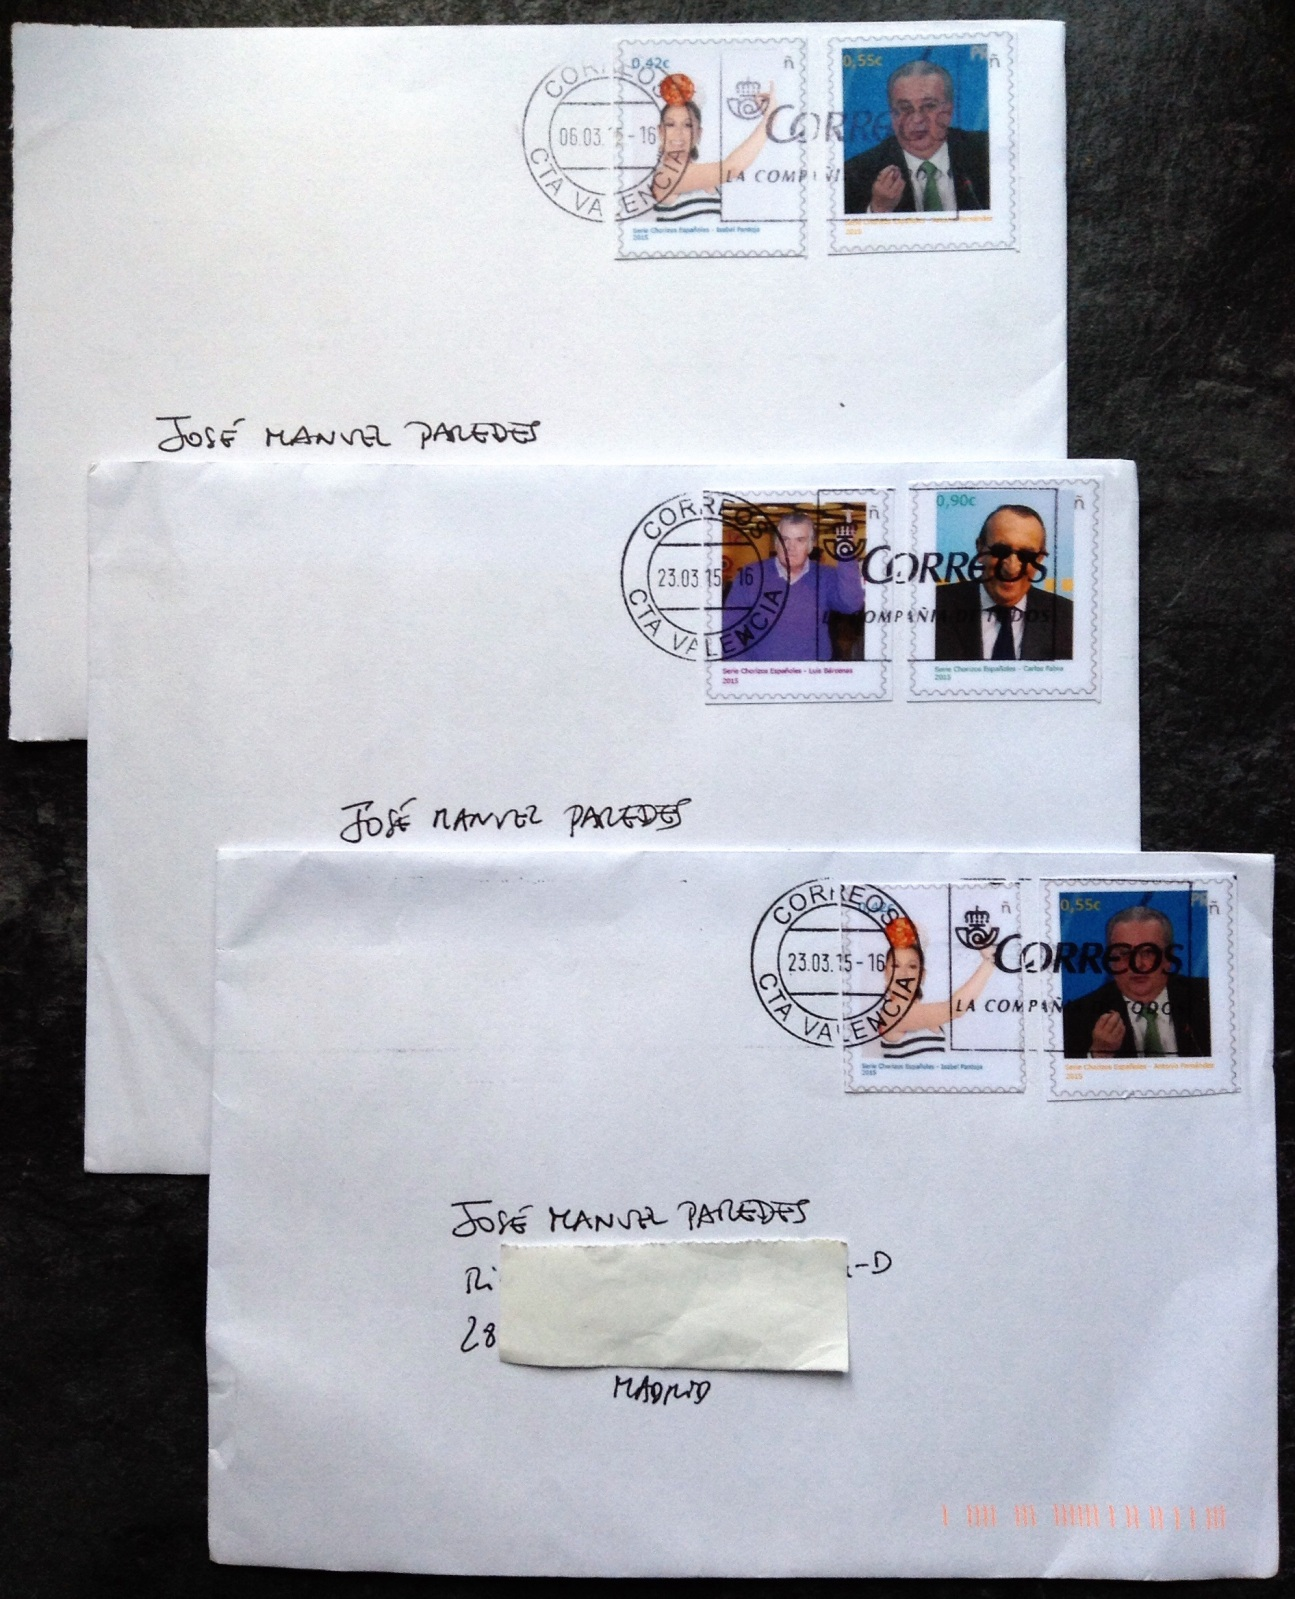 arte postal - Arte Postal - Página 2 24oby49